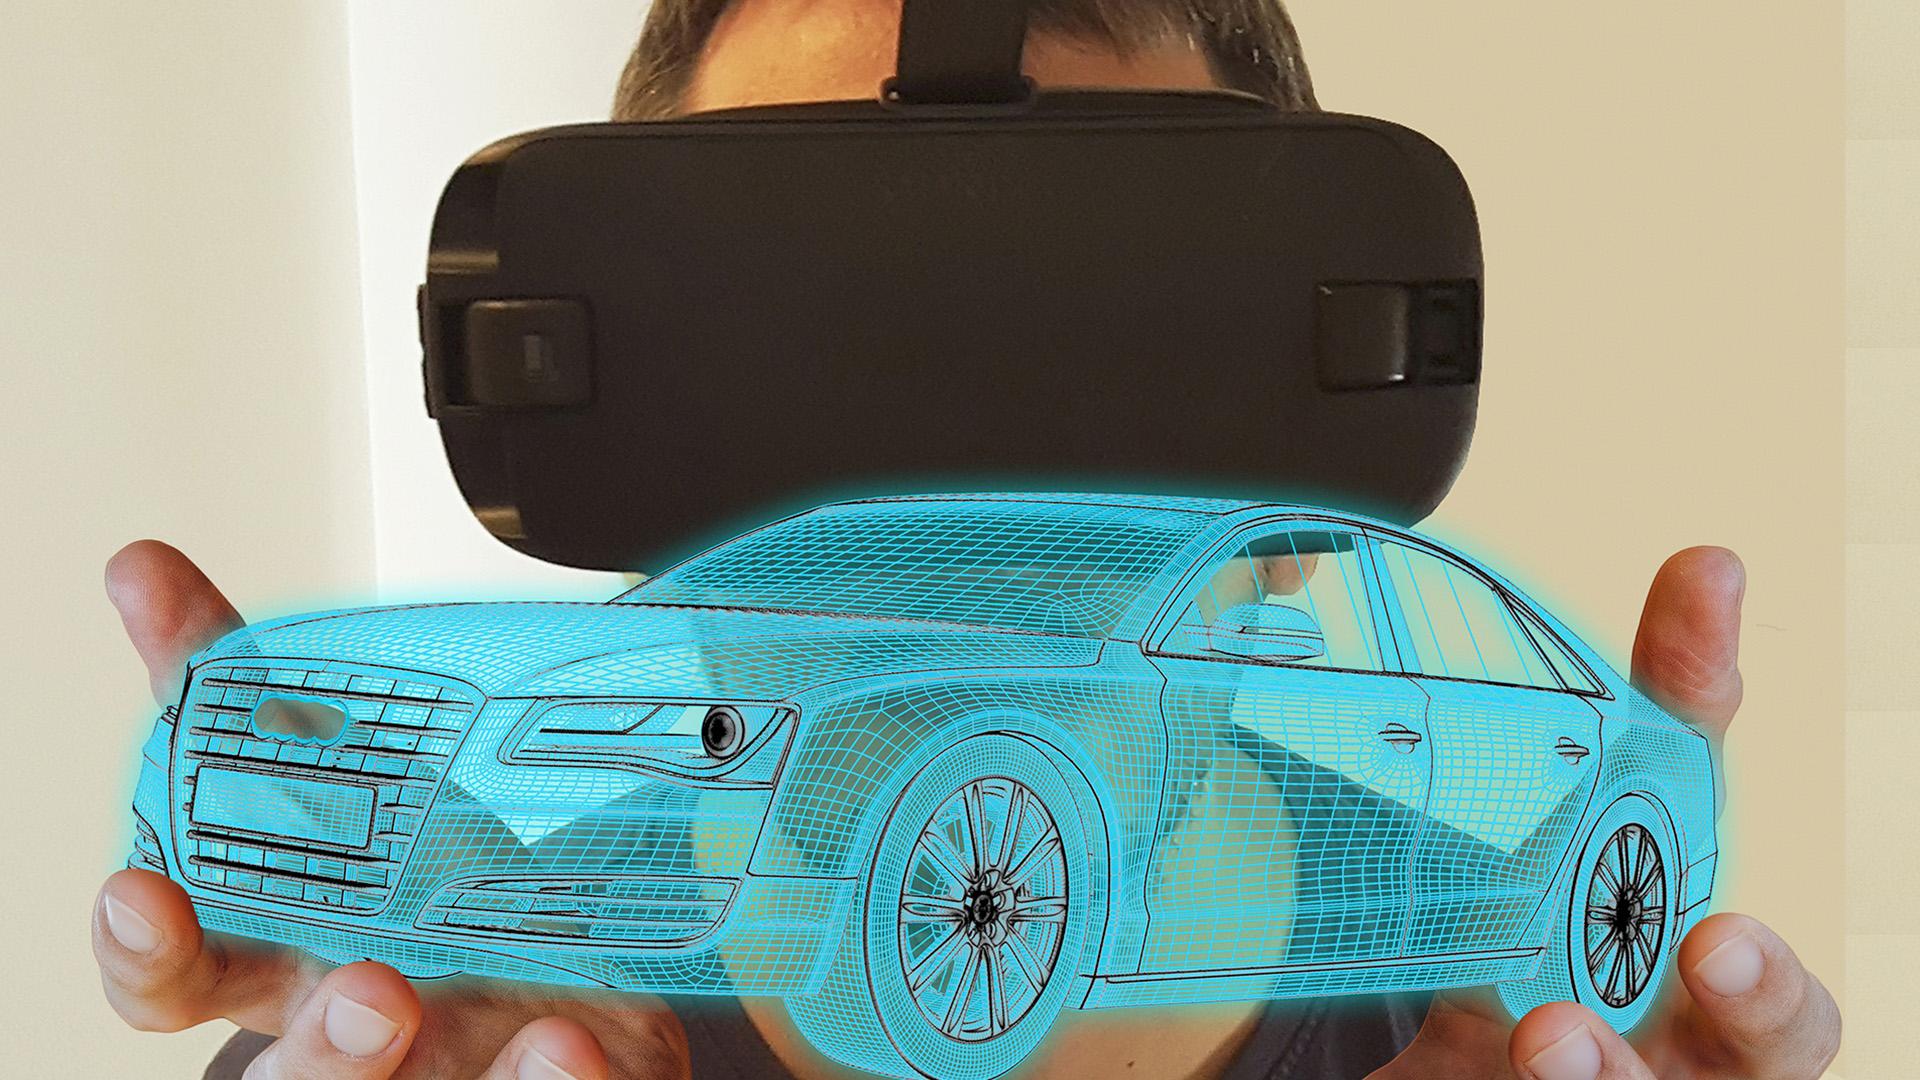 Automoción VR Realidad-Virtual-Diseño-Prototipo-Automóvil-coche-vehículo-Producción-VR-GrupoAudiovisual_ok_low